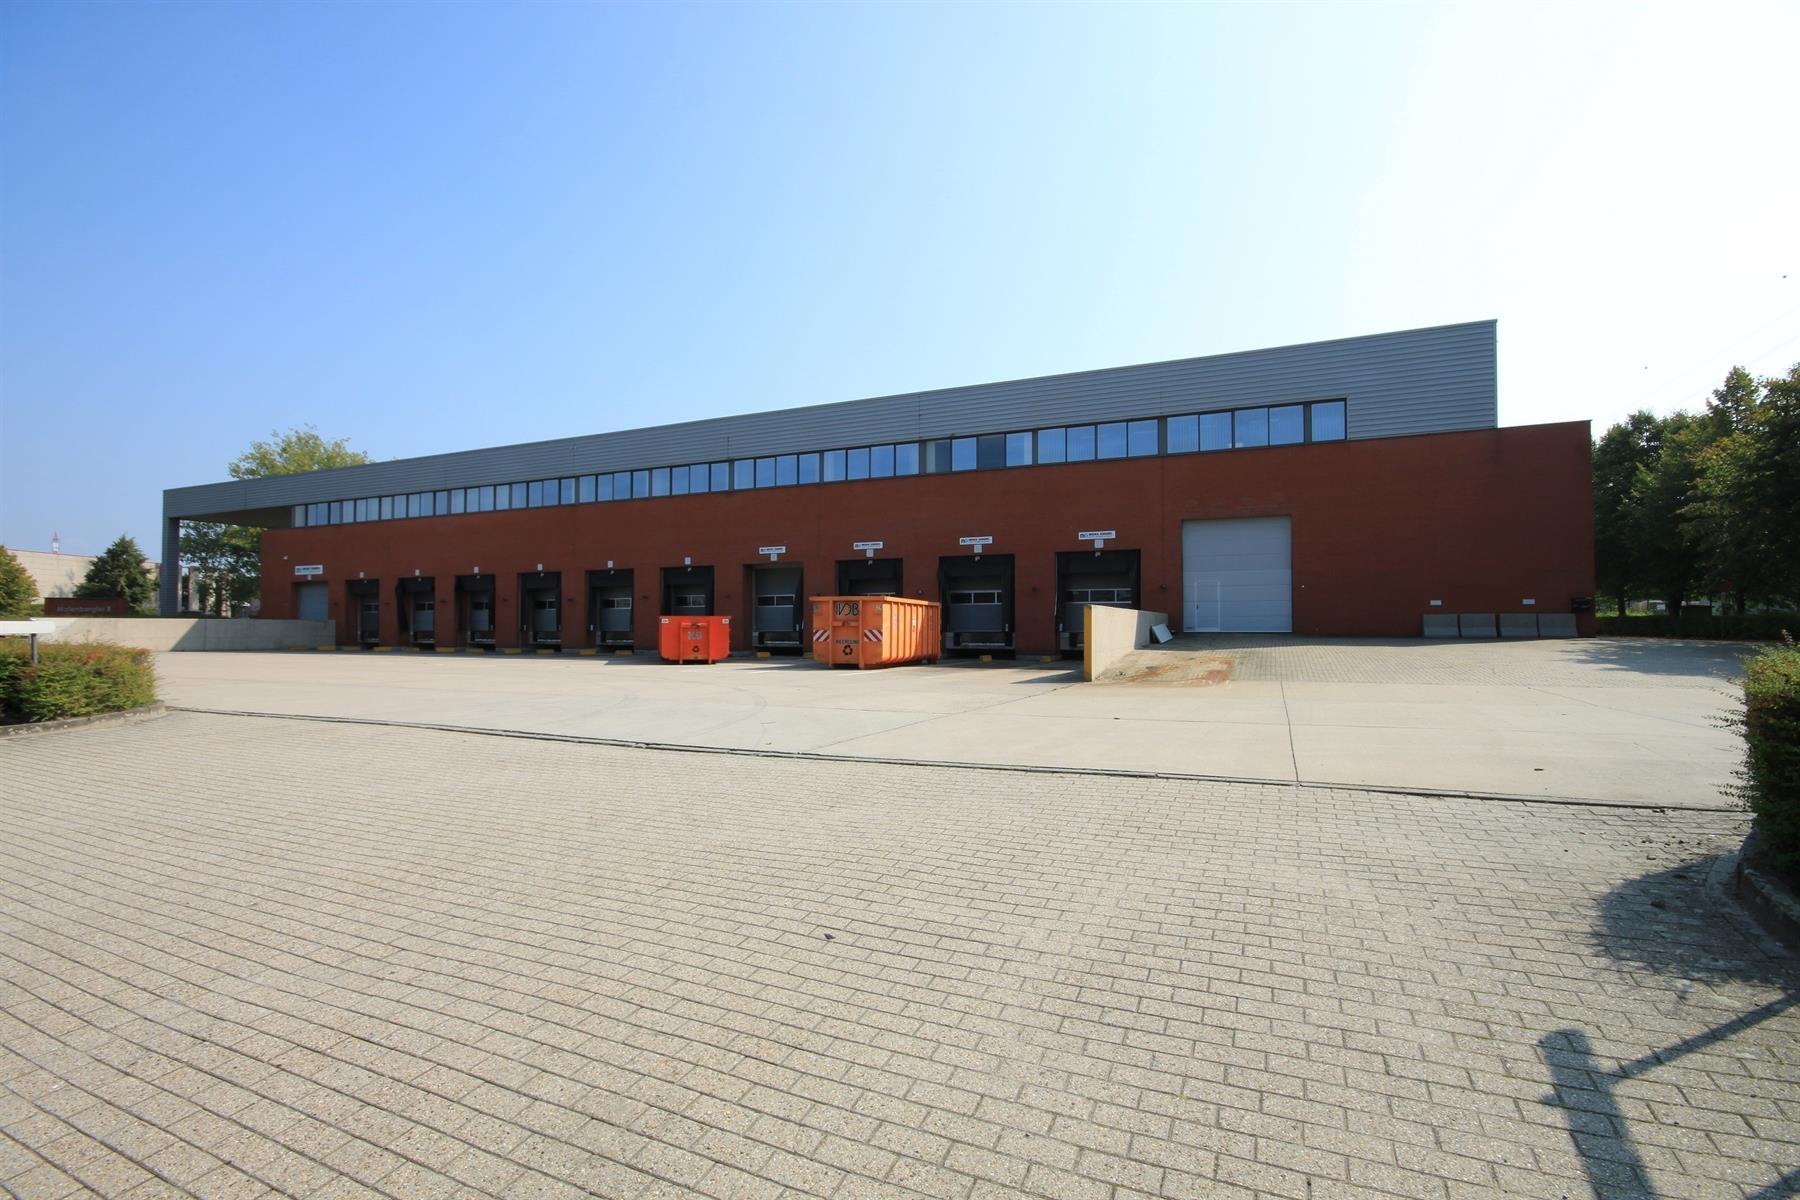 kantoor te huur I150 - Molenberglei 8, 2627 Schelle, België 4